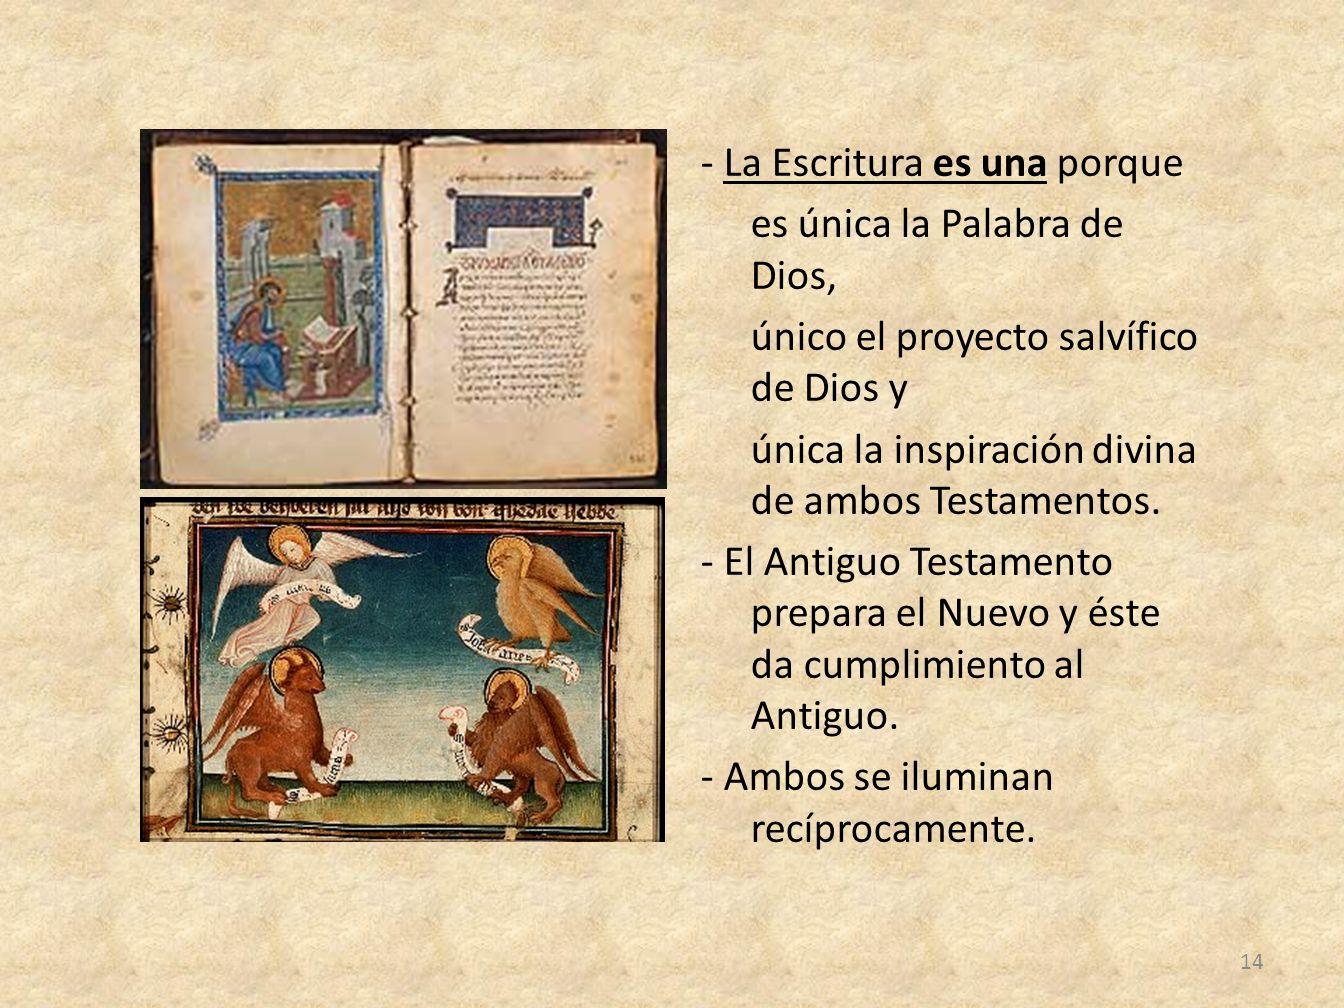 - La Escritura es una porque es única la Palabra de Dios, único el proyecto salvífico de Dios y única la inspiración divina de ambos Testamentos. - El